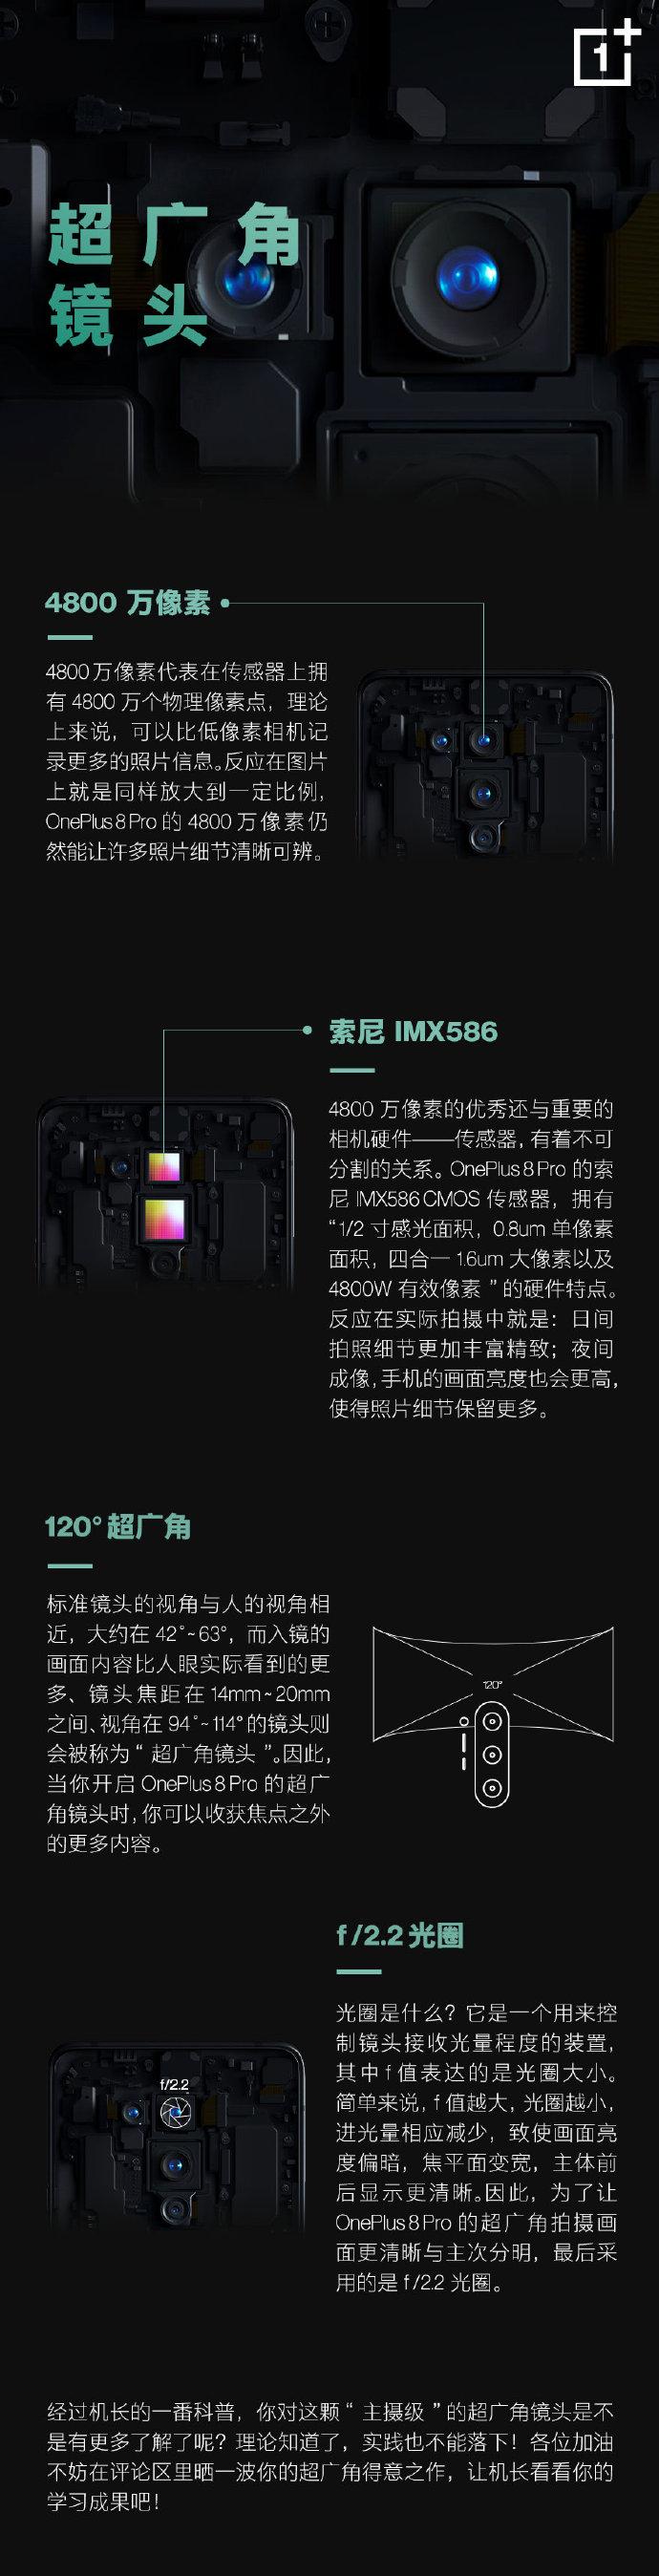 一加官方科普一加8 Pro镜头-玩懂手机网 - 玩懂手机第一手的手机资讯网(www.wdshouji.com)